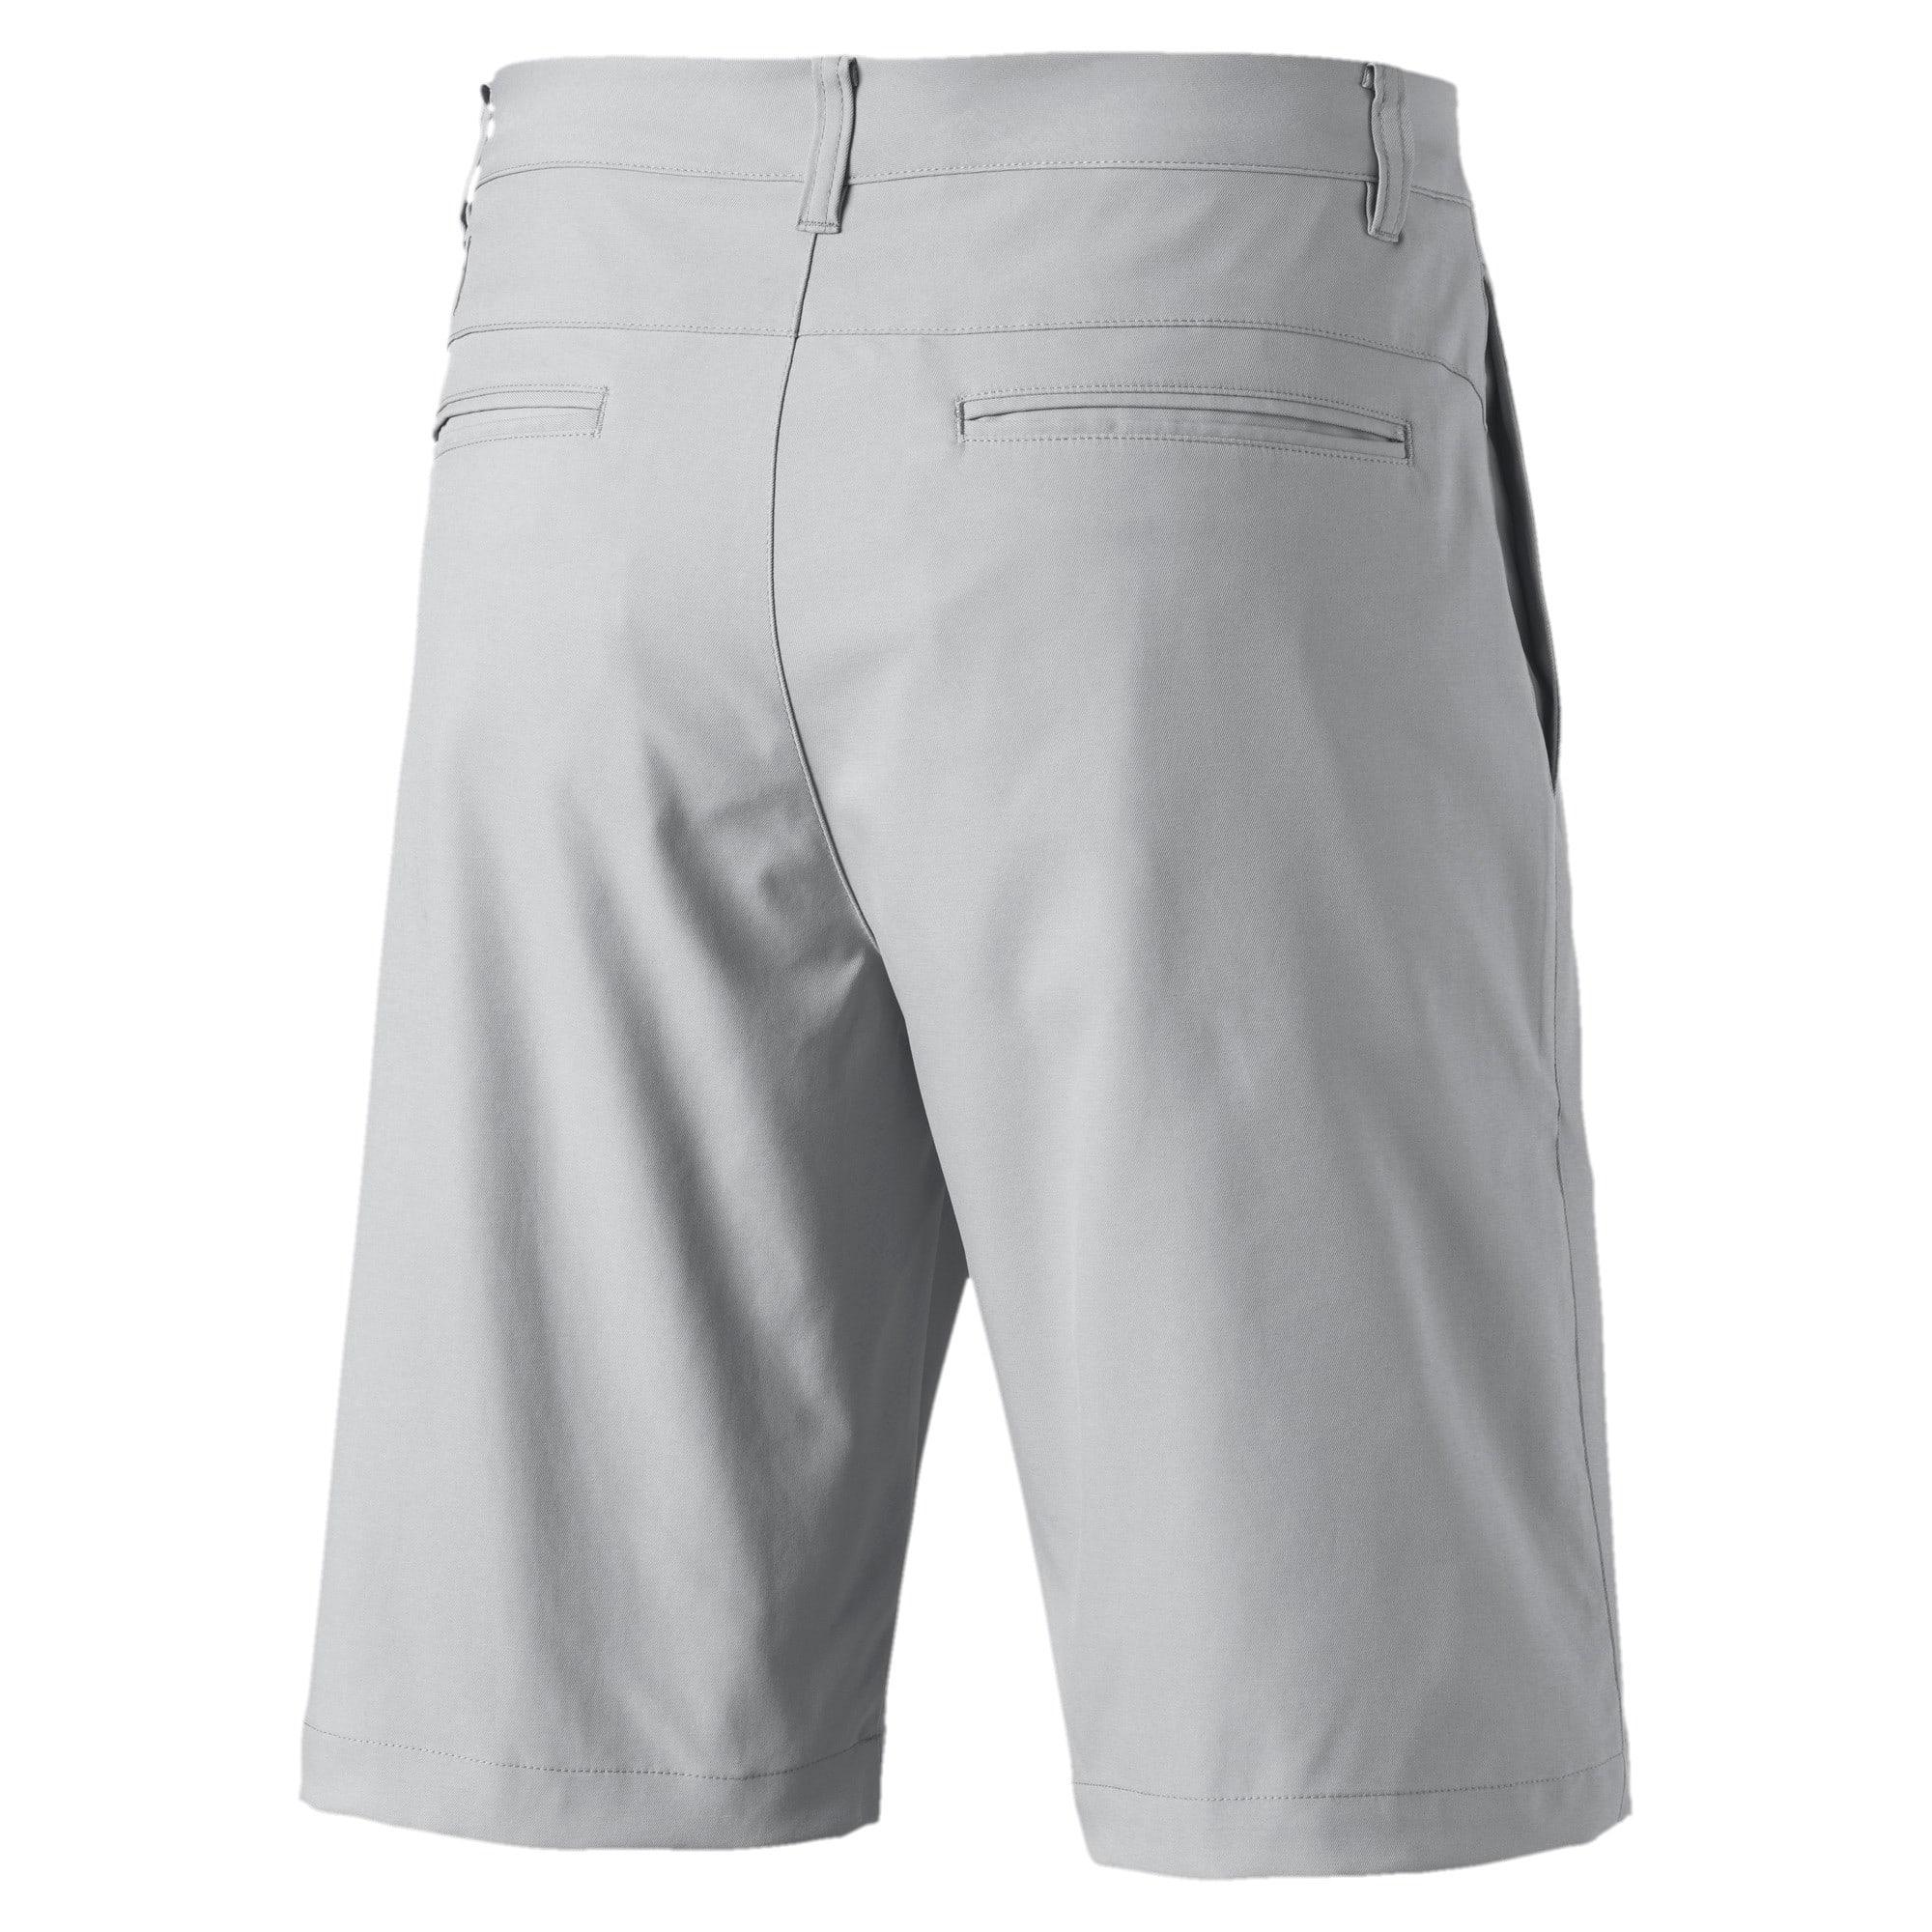 Miniatura 2 de Shorts Jackpot de hombre, Quarry, mediano